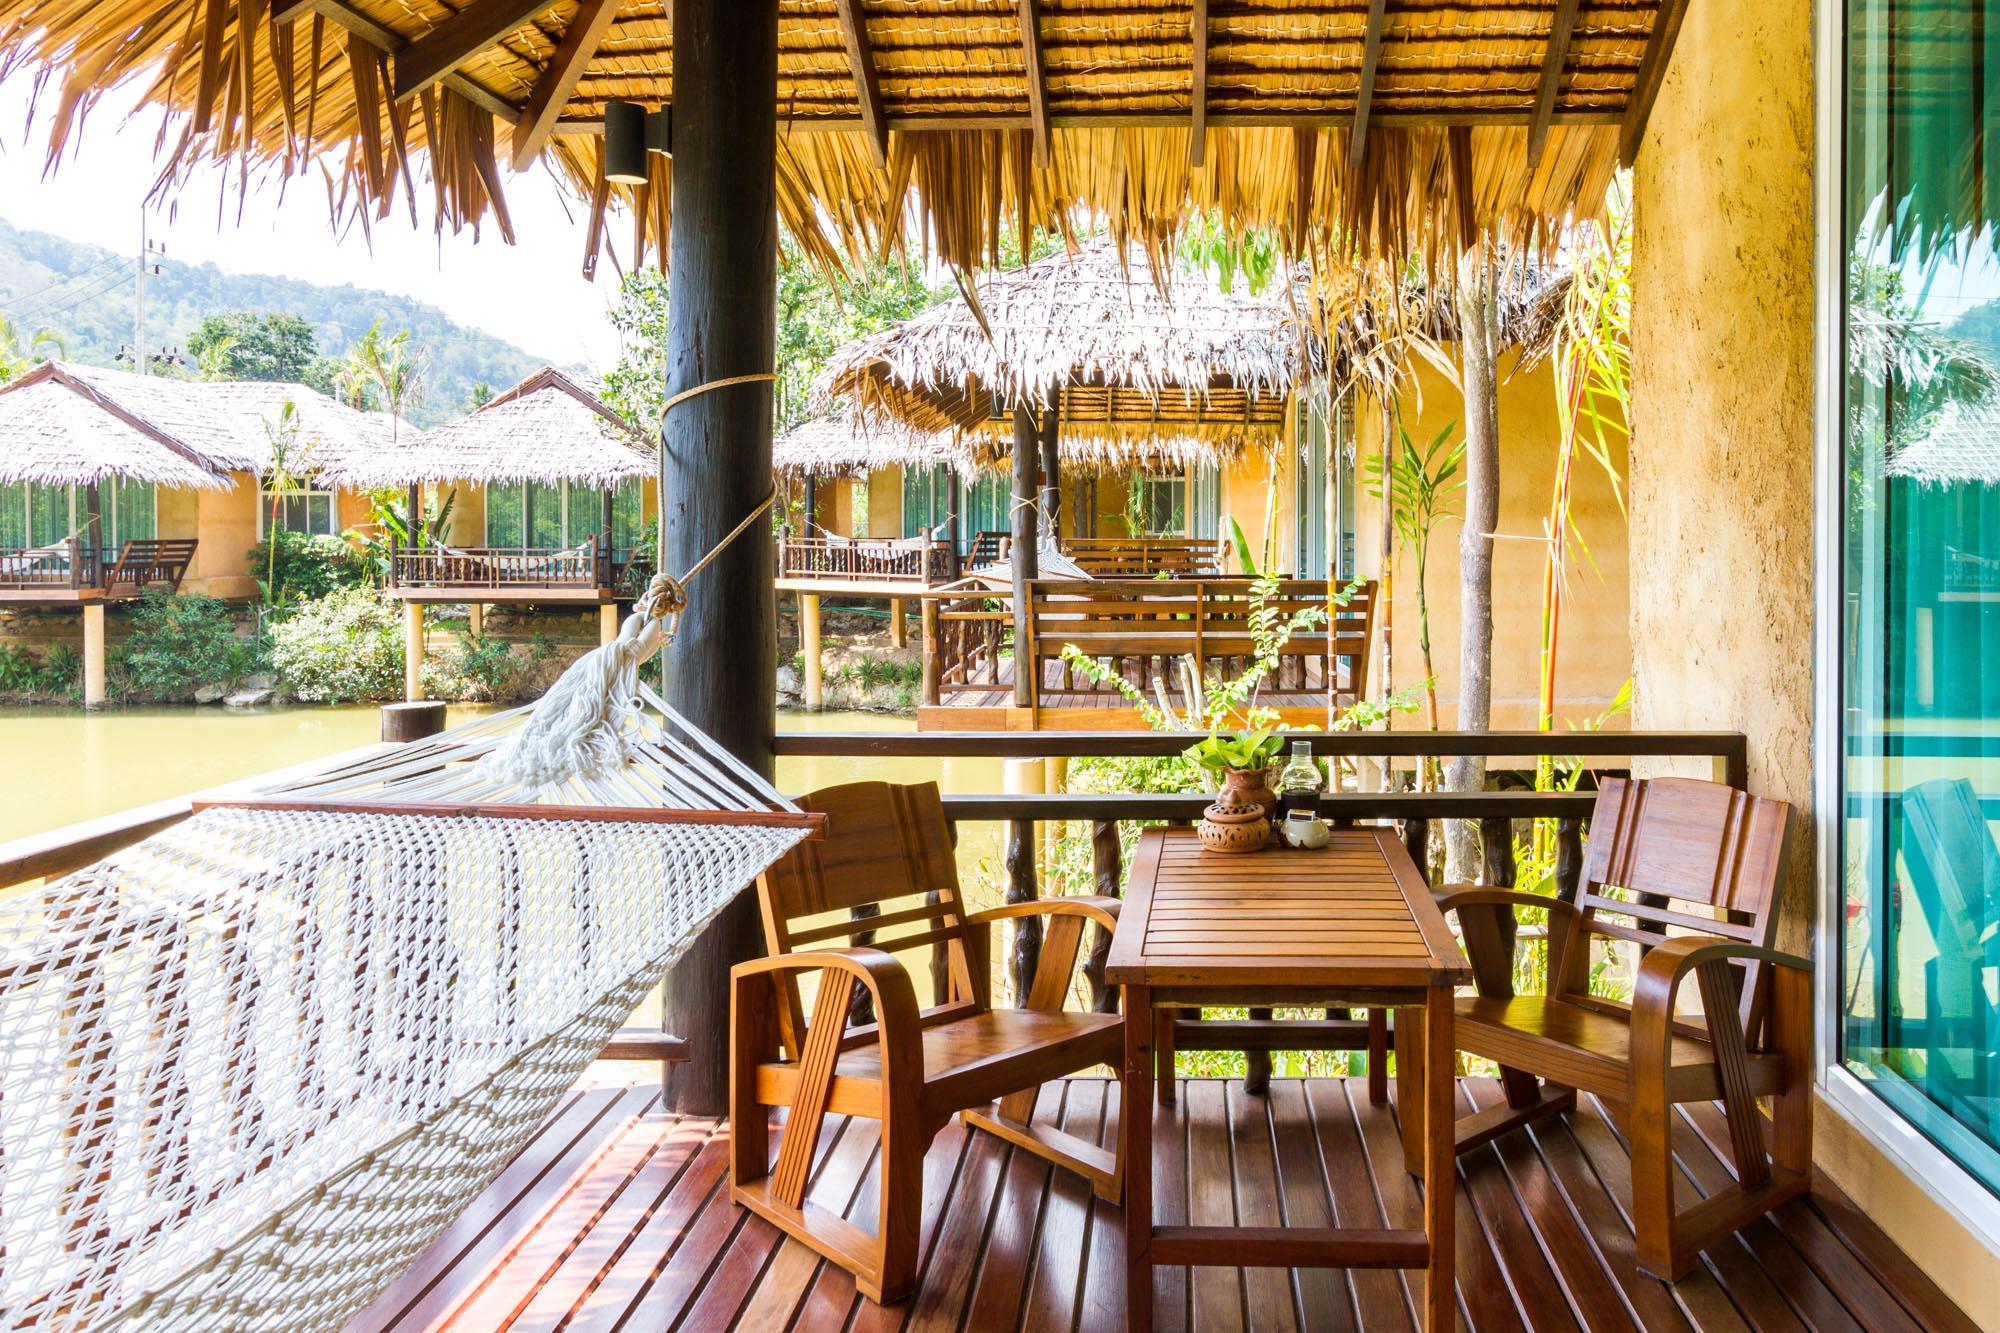 Ban Sainai Resort บ้านใสในรีสอร์ท  บ้านใสใน รีสอร์ท Ban Sainai Resort อ่าวนาง กระบี่ IMG 0126